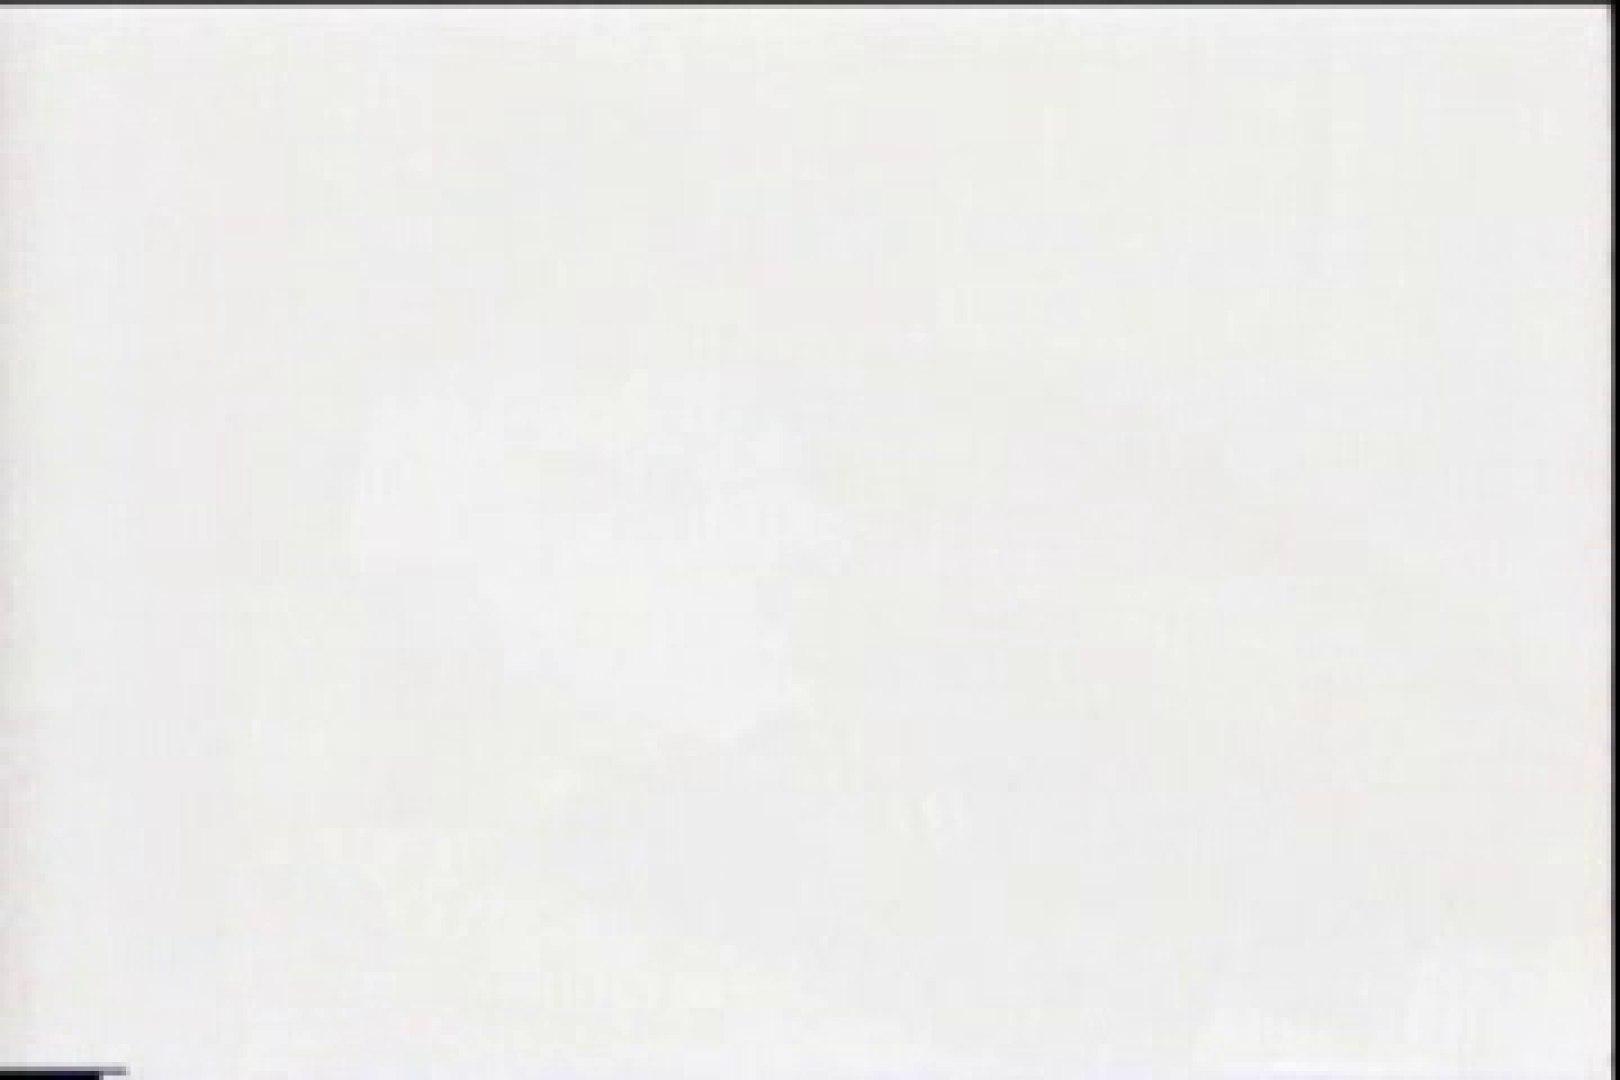 美少年 敏感チンコ達! ! パート4 ディルド ゲイエロ動画 67枚 30